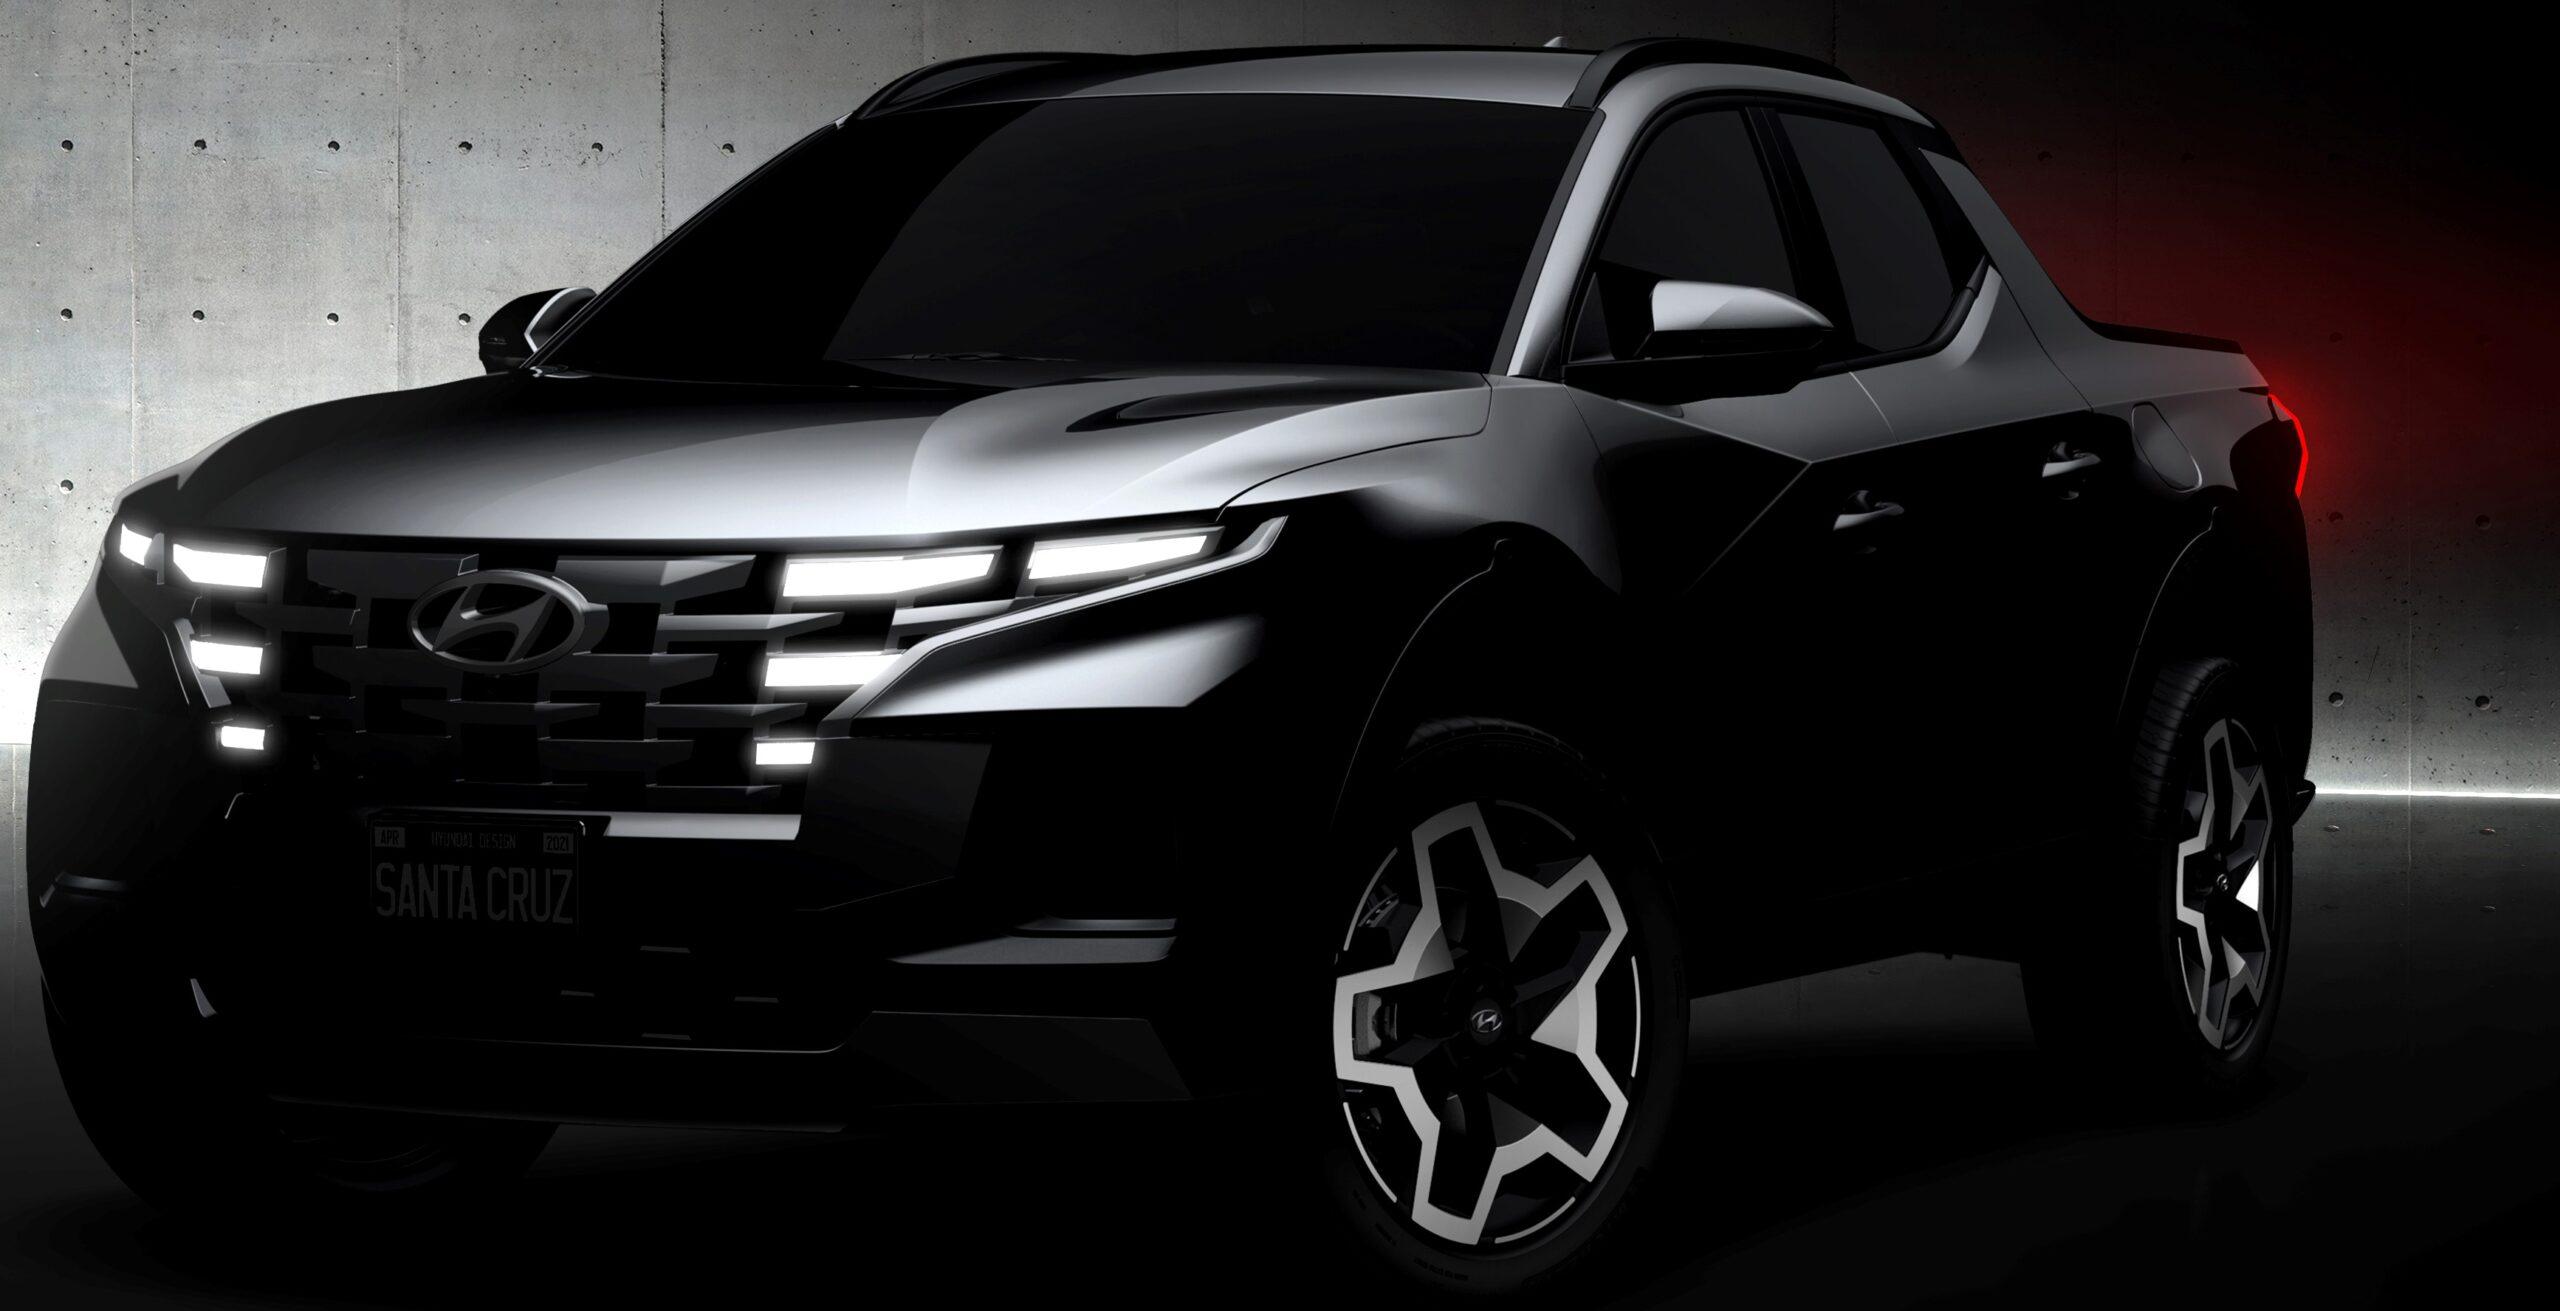 Svelate le prime immagini della Hyundai pick-up.